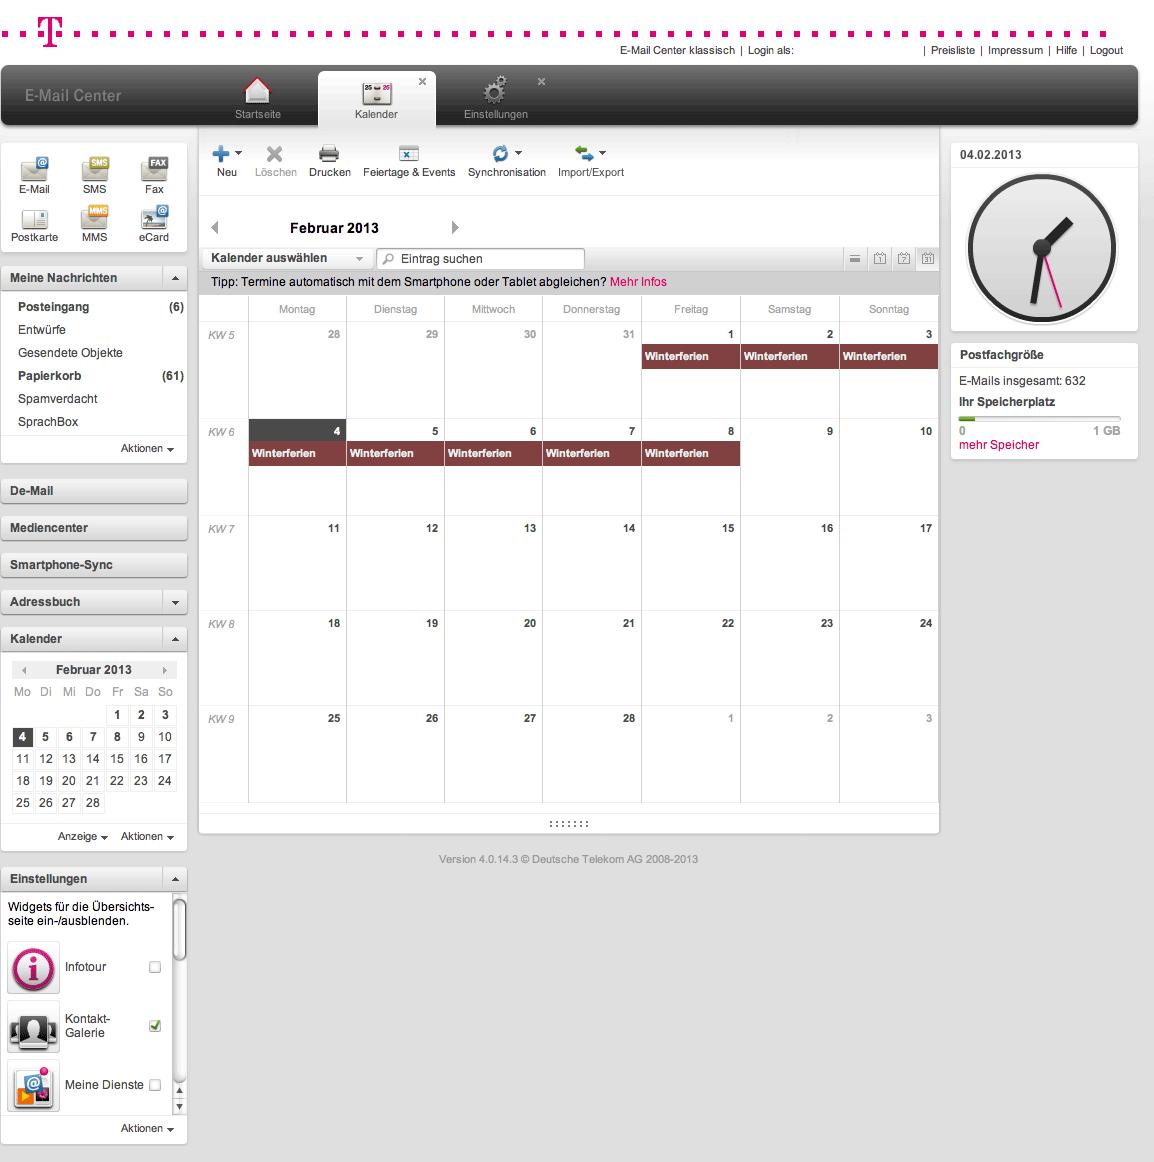 kalender t-online